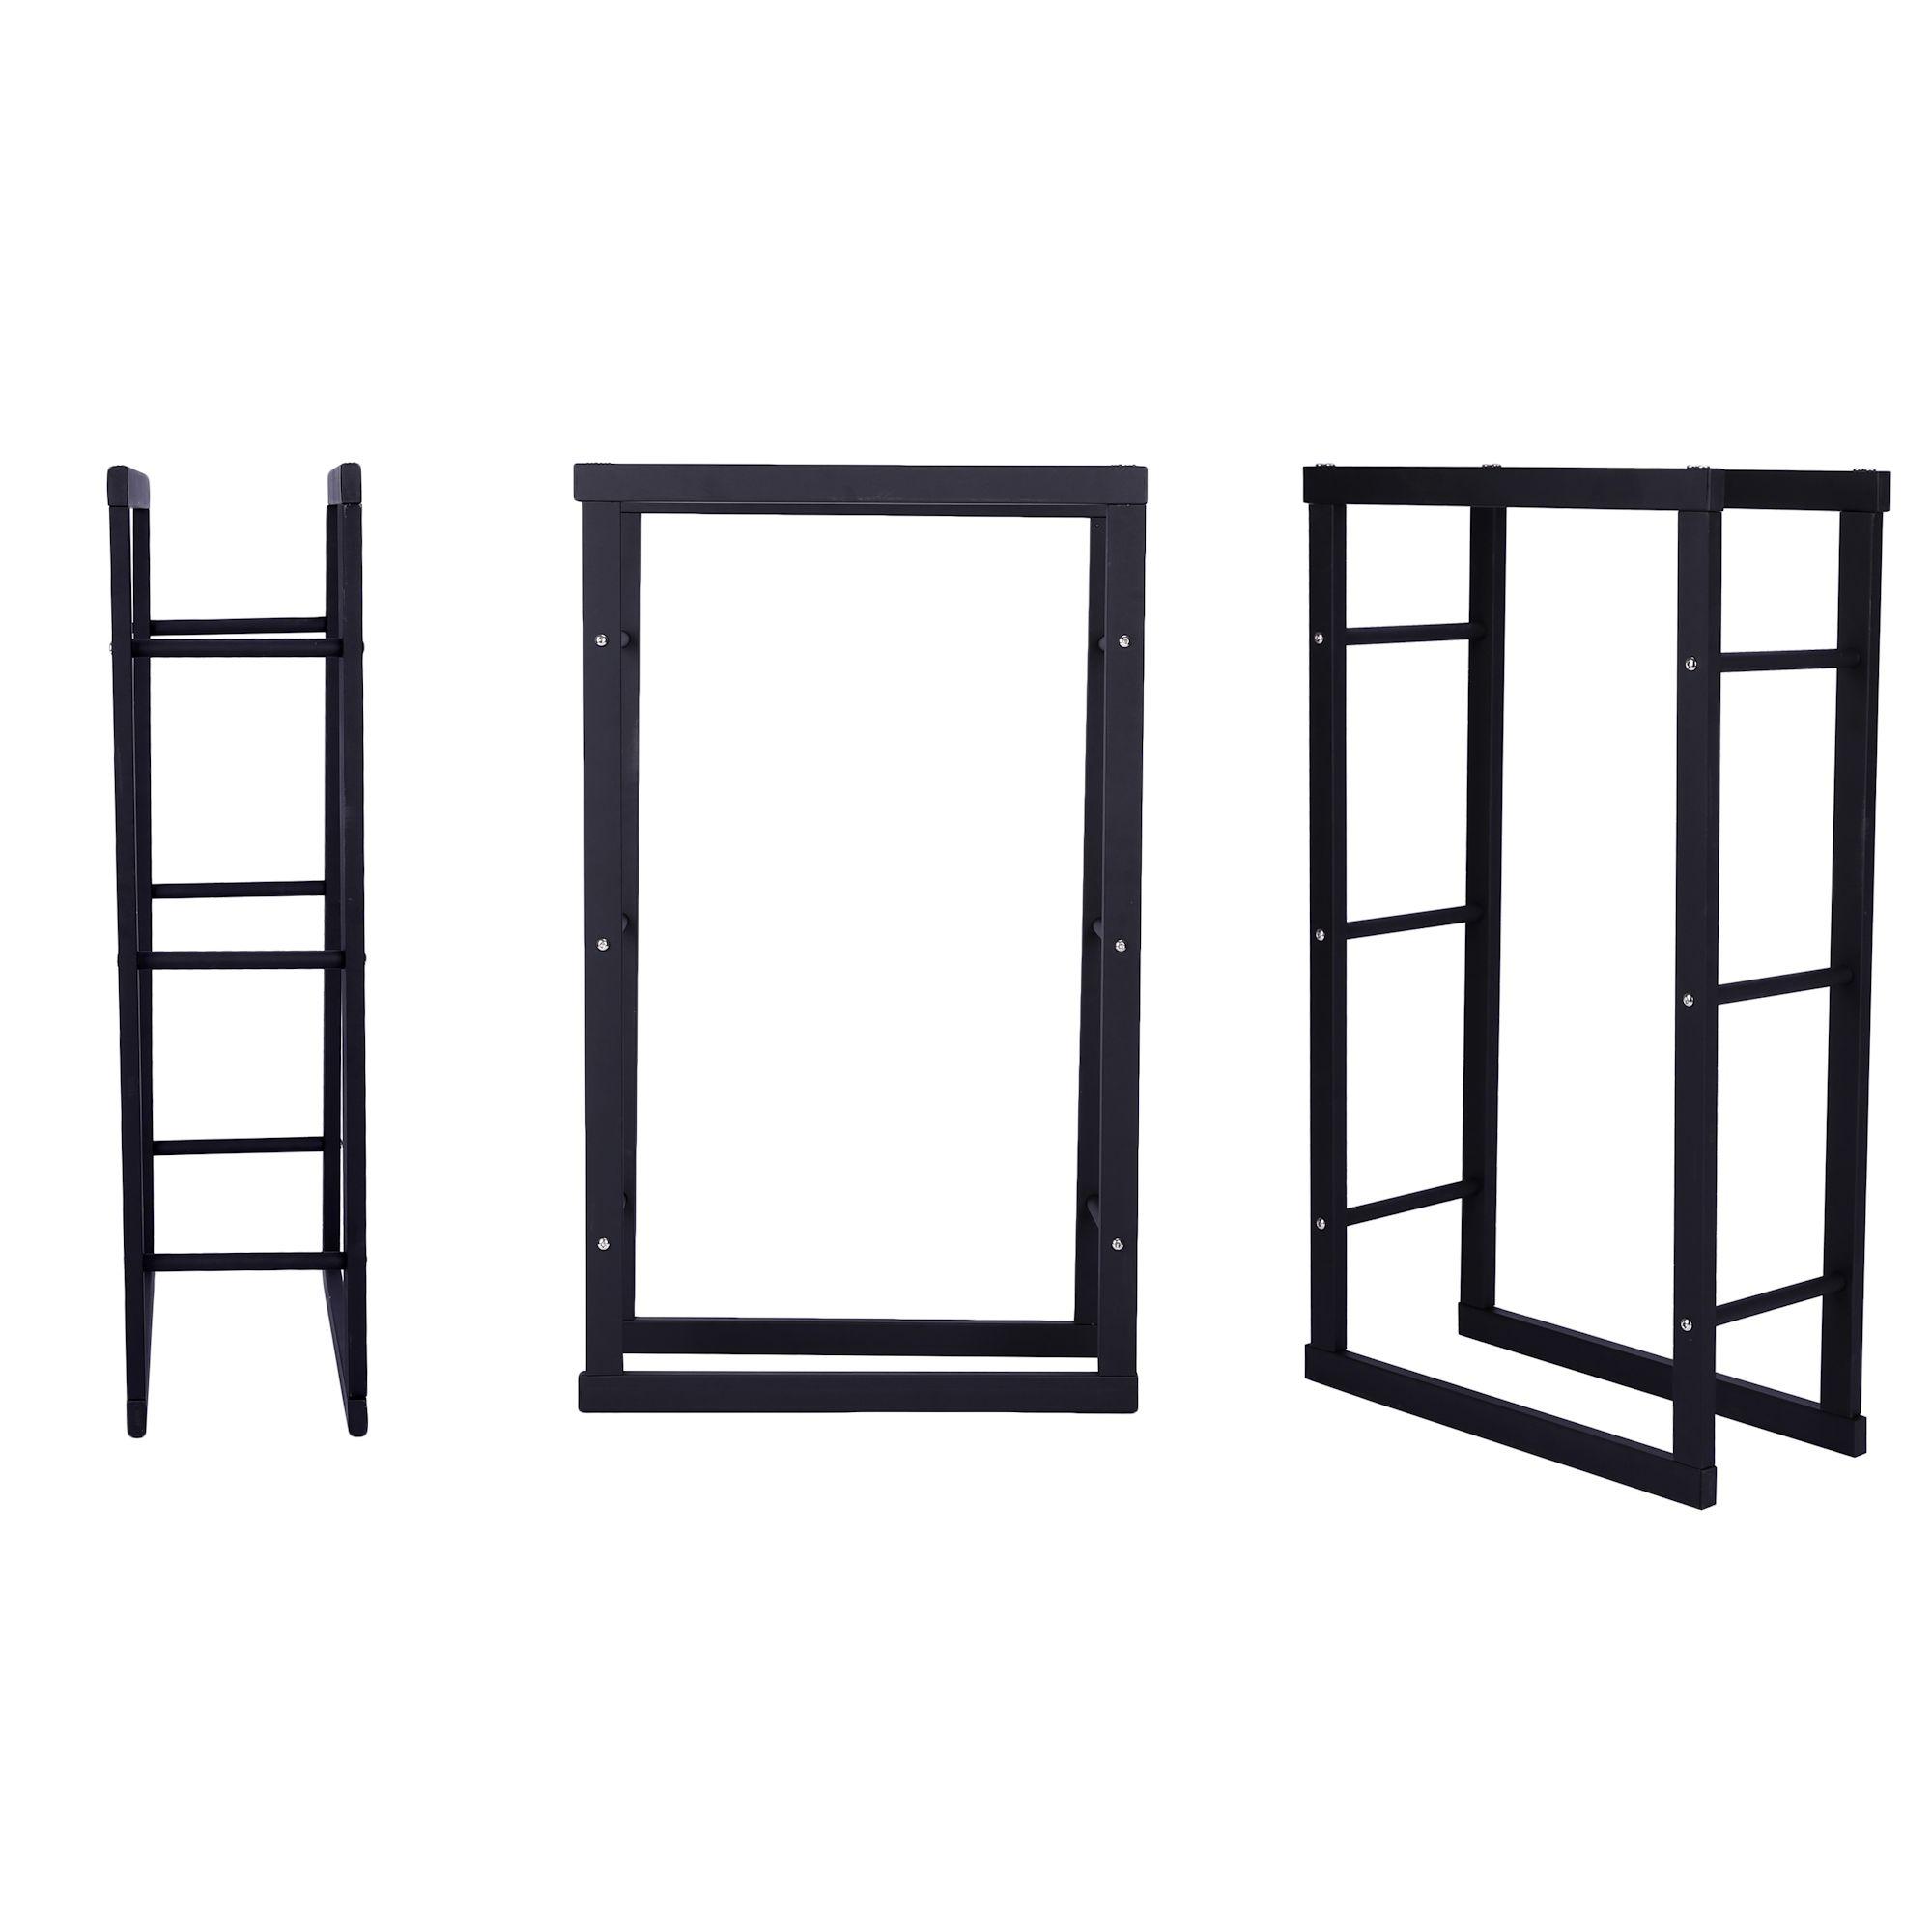 kaminholzregal holzregal brennholzregal brennholzlager. Black Bedroom Furniture Sets. Home Design Ideas